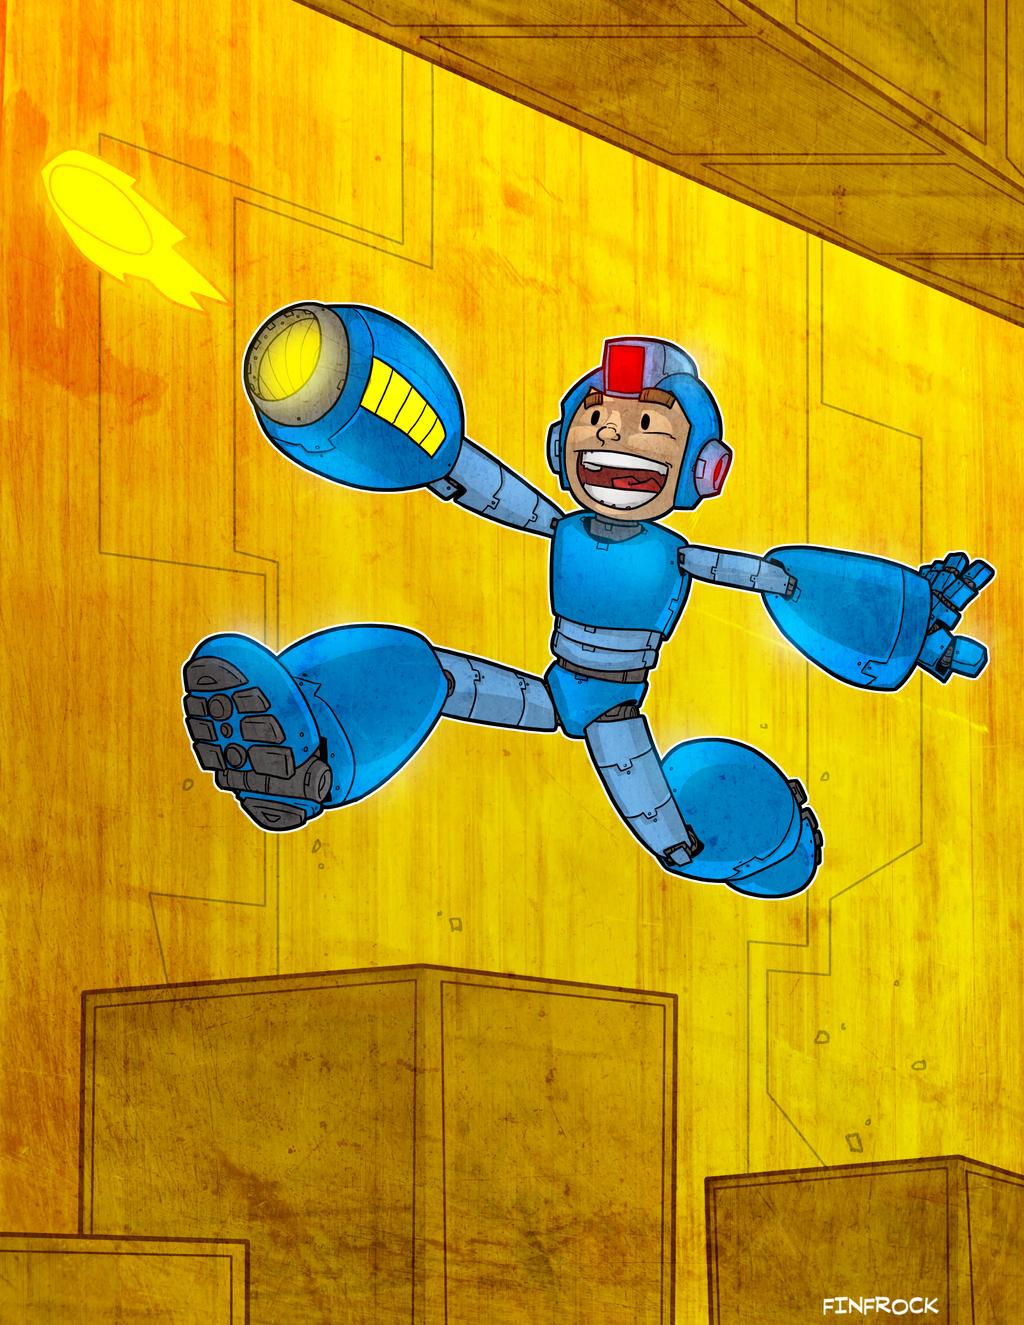 Draw-A-Thon 4 Japan: Megaman by Finfrock